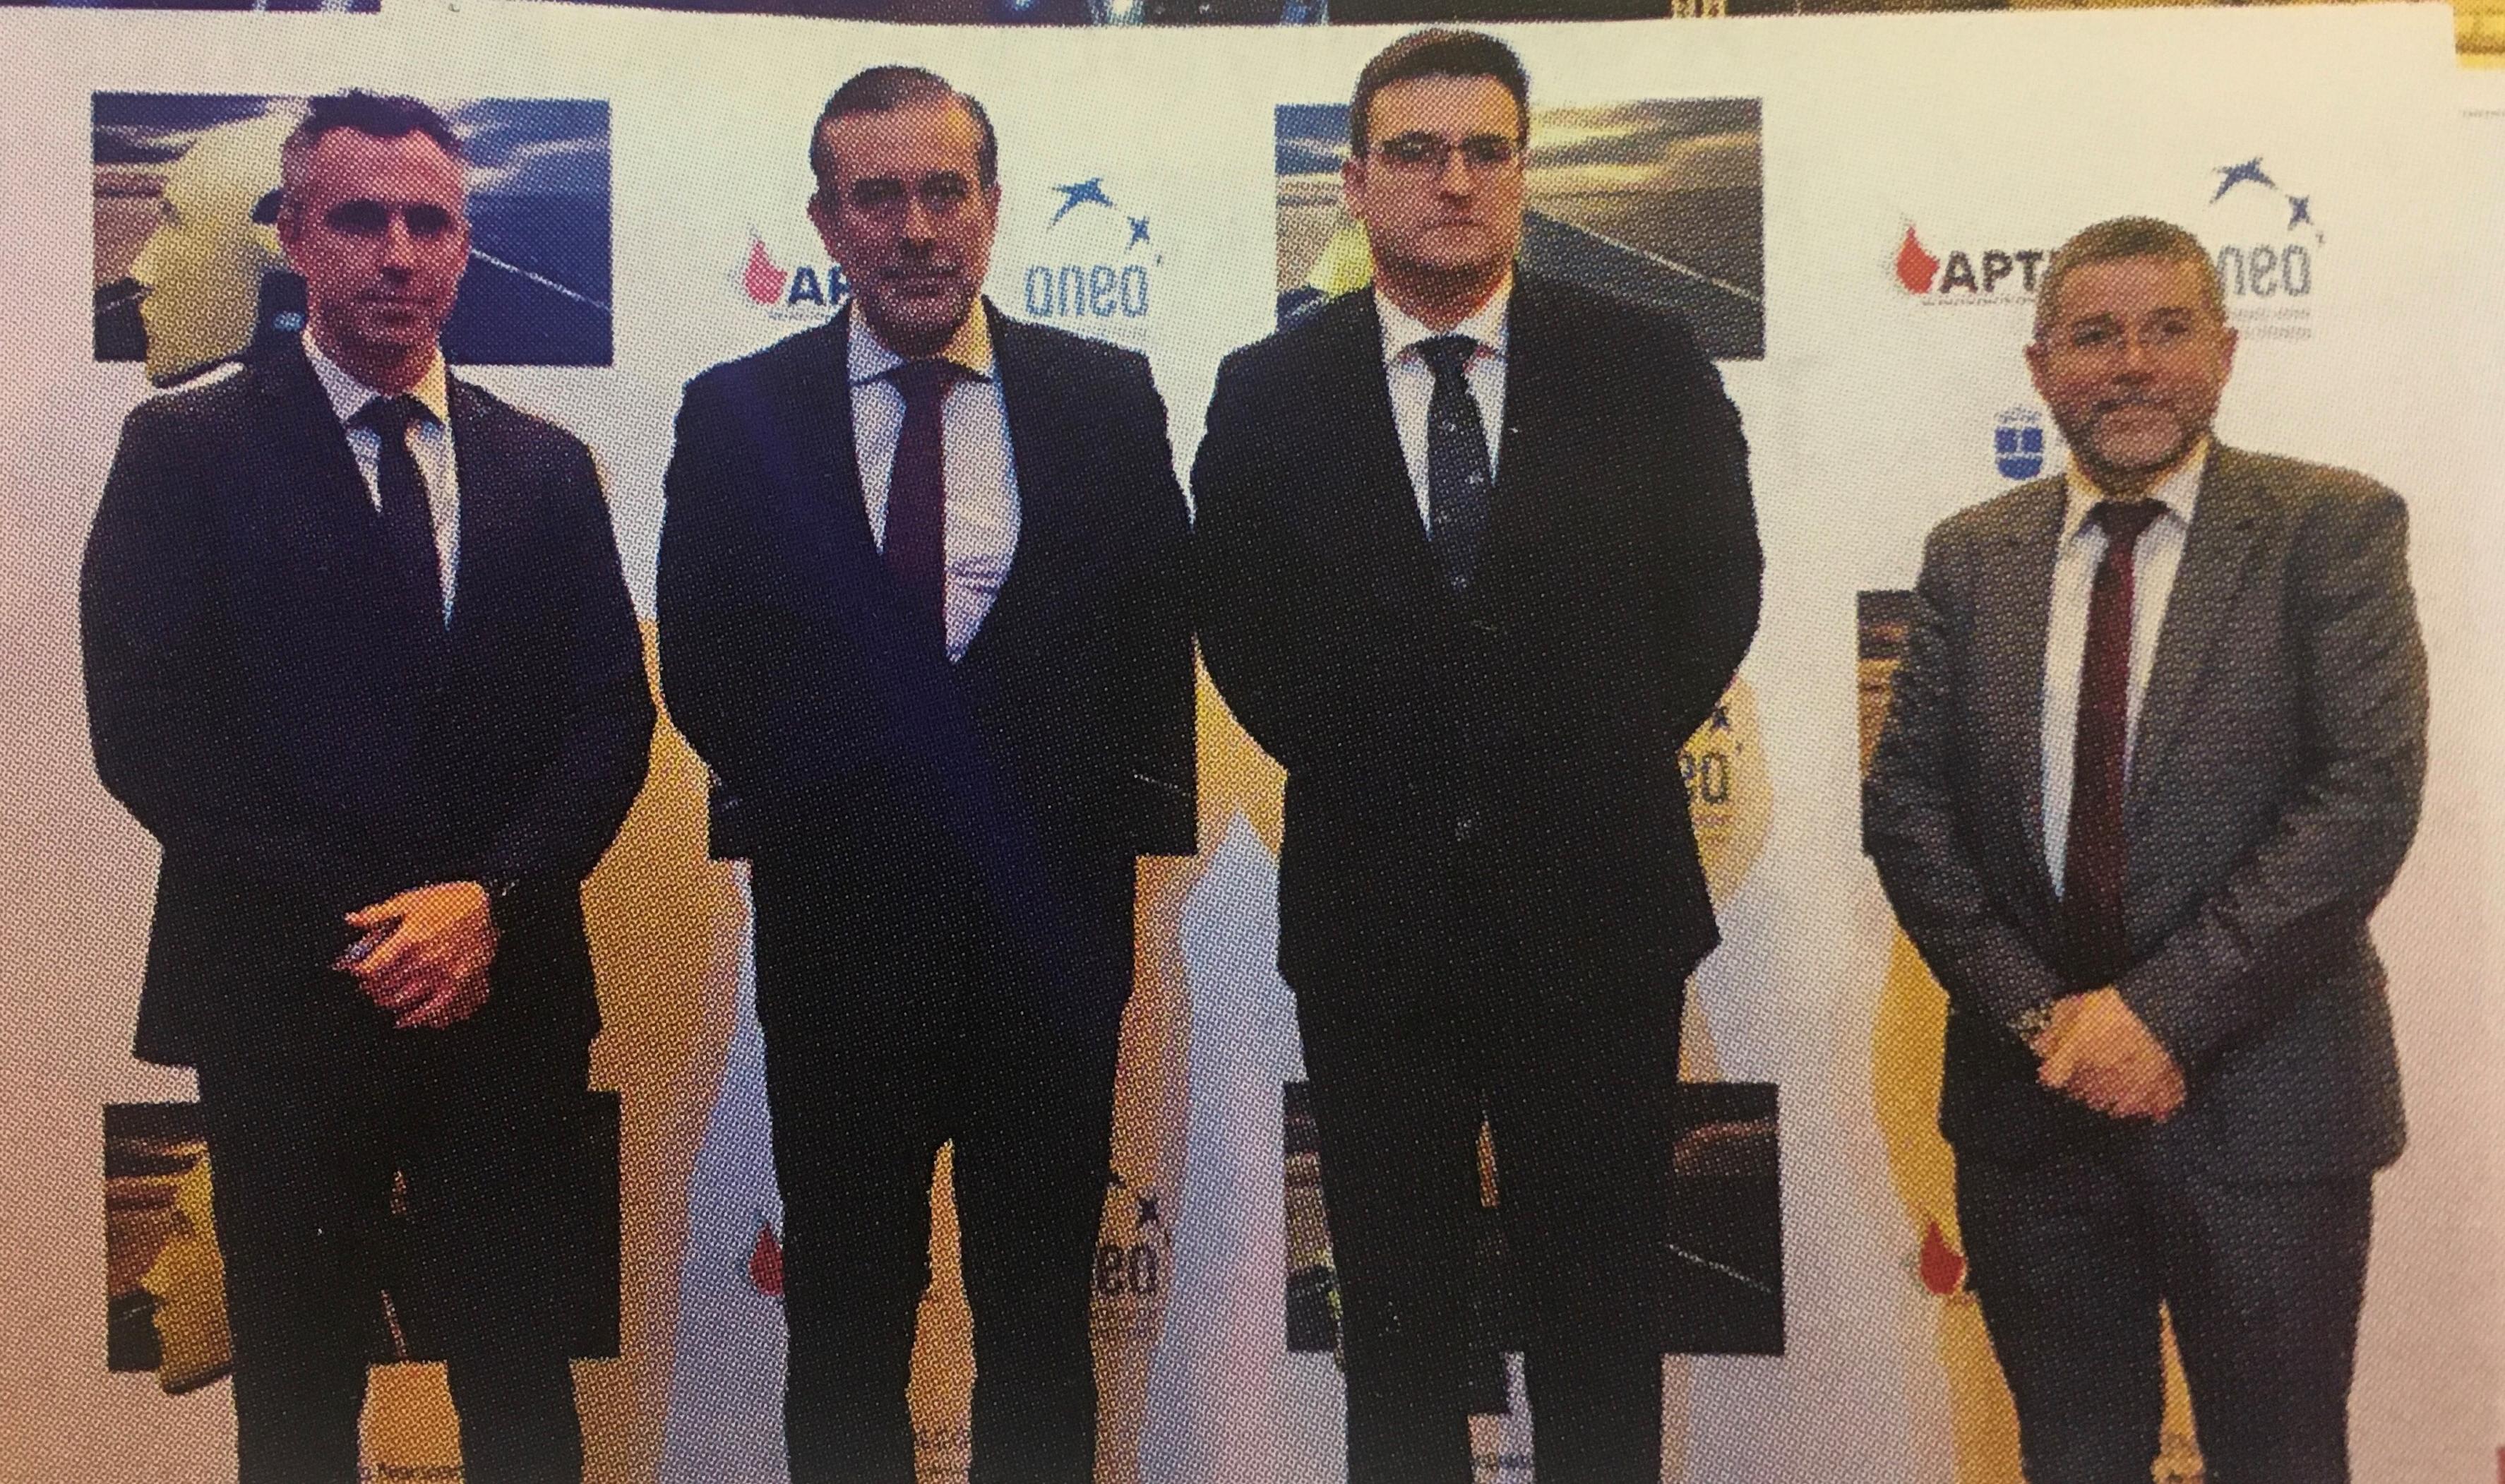 De izquierda a derecha: Carlos Novillo (presidente de APTB), Enrique López (consejero de Interior), Ángel Arranz (vicealcalde de Alcobendas) y Carlos Magdaleno, presidente de ANEA